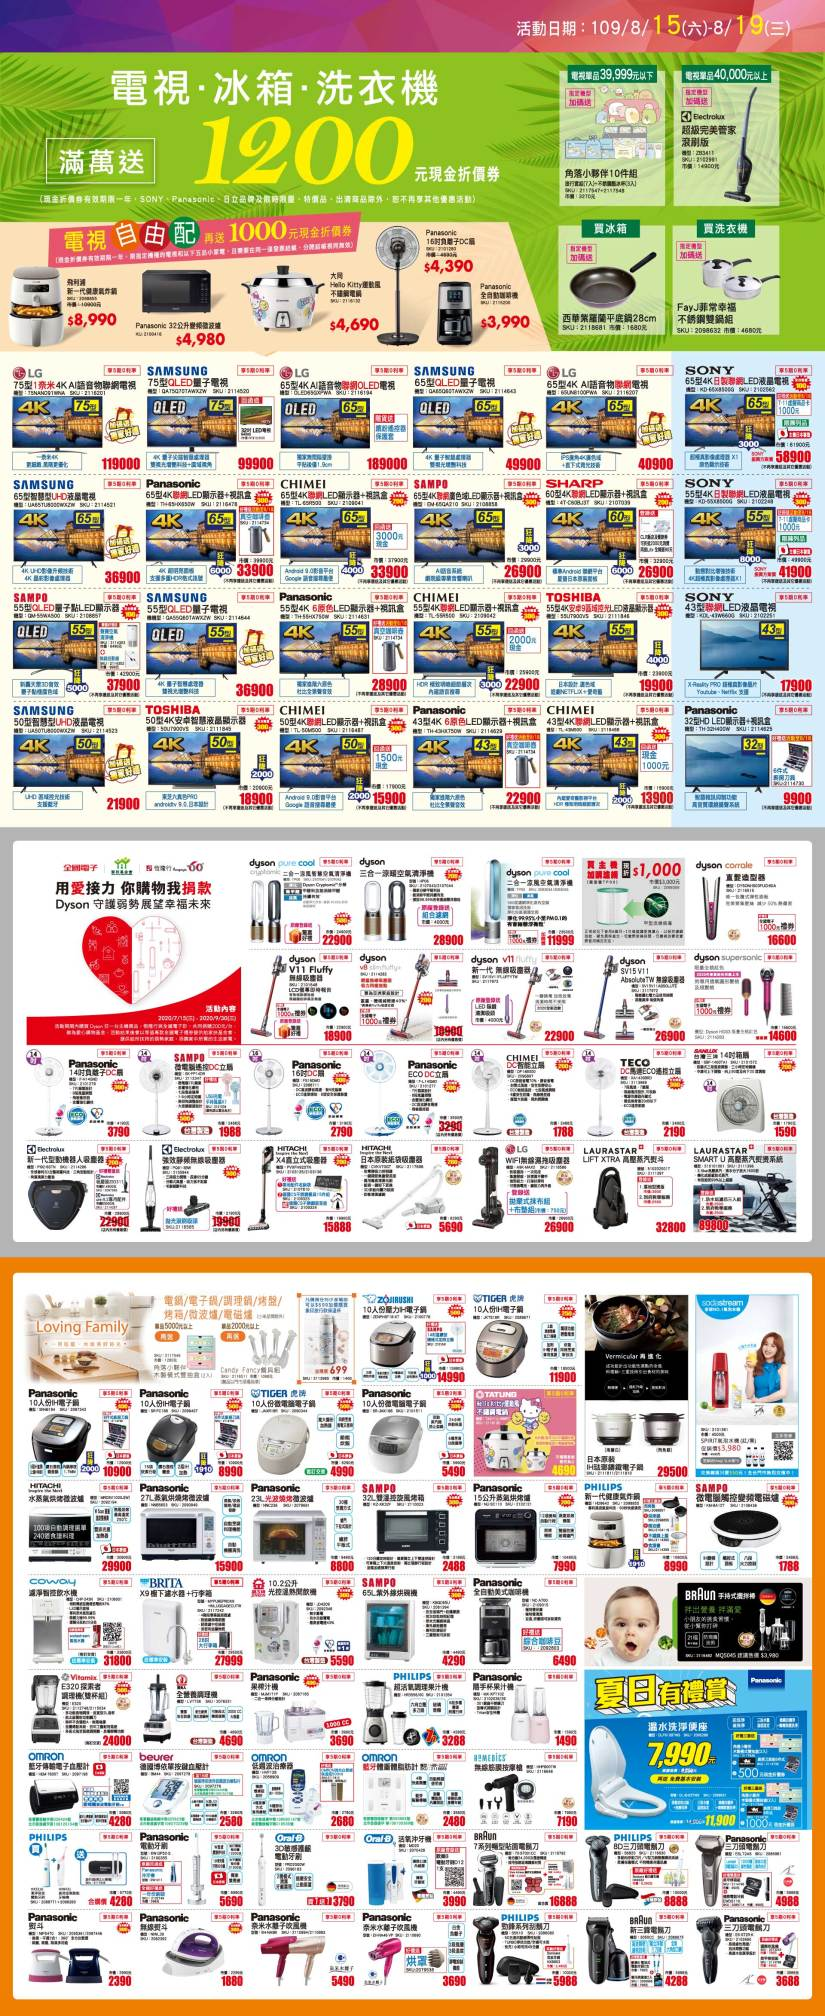 全國電子 當期 DM》活動日期:109/08/15(六)~08/19(三)